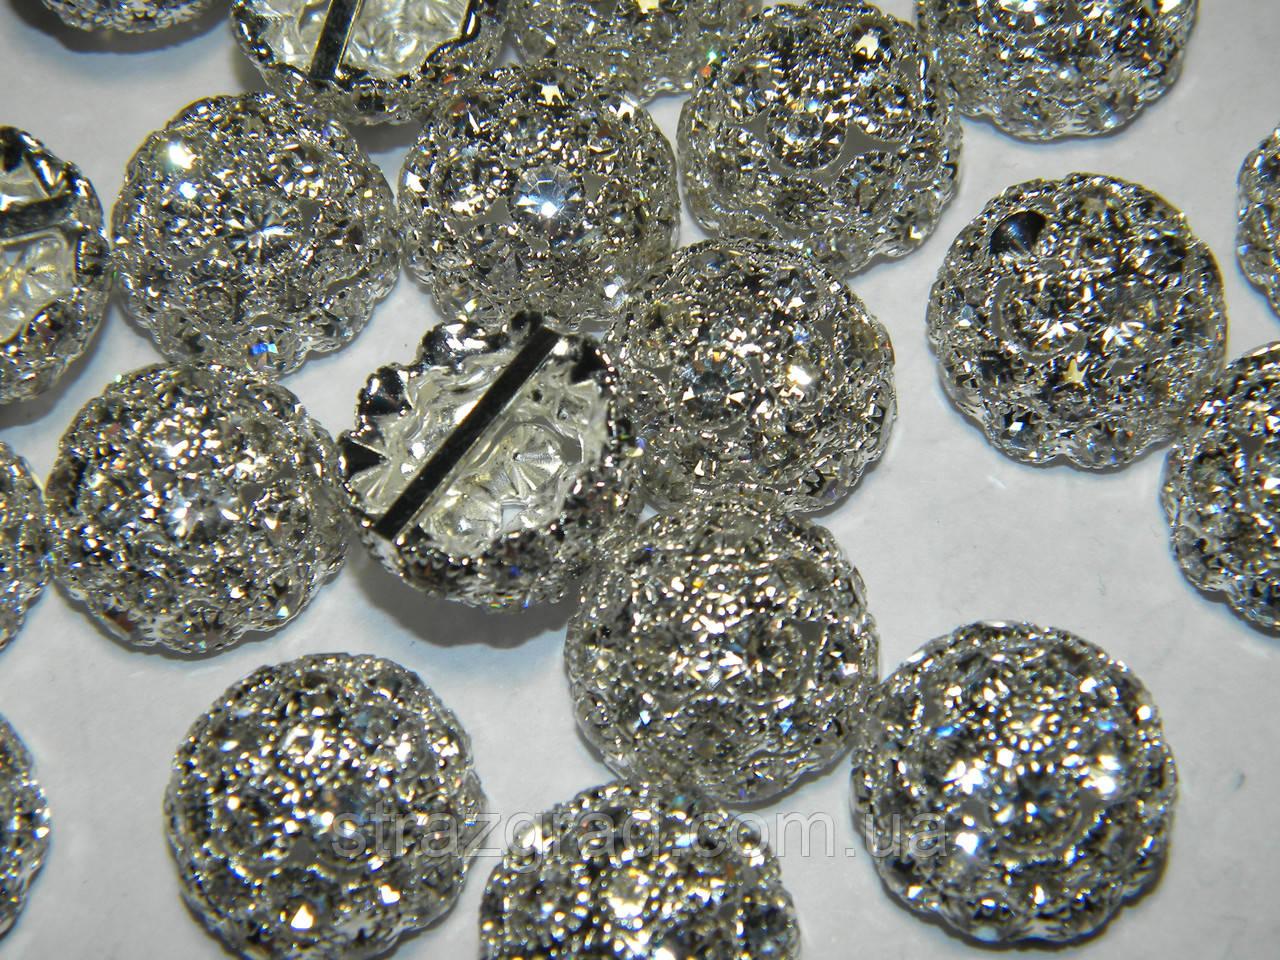 Півсфера декоративна з ювелірними стразами Crystal Срібло Металева 19мм